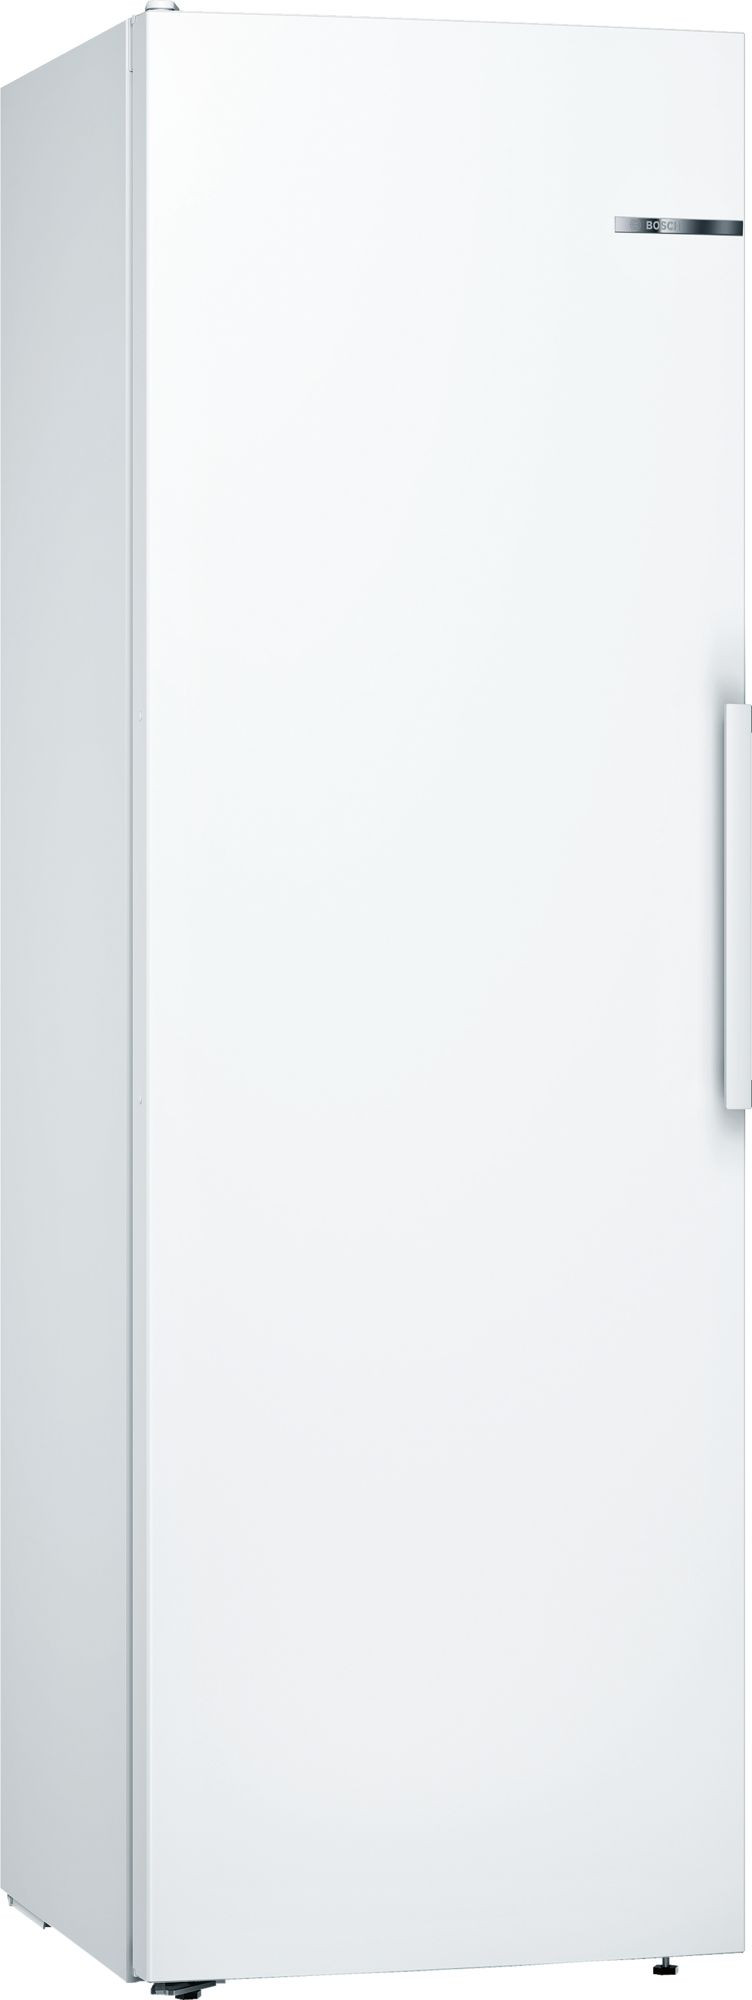 Bosch Serie 2 KSV36NWEPG Freestanding White Upright Fridge